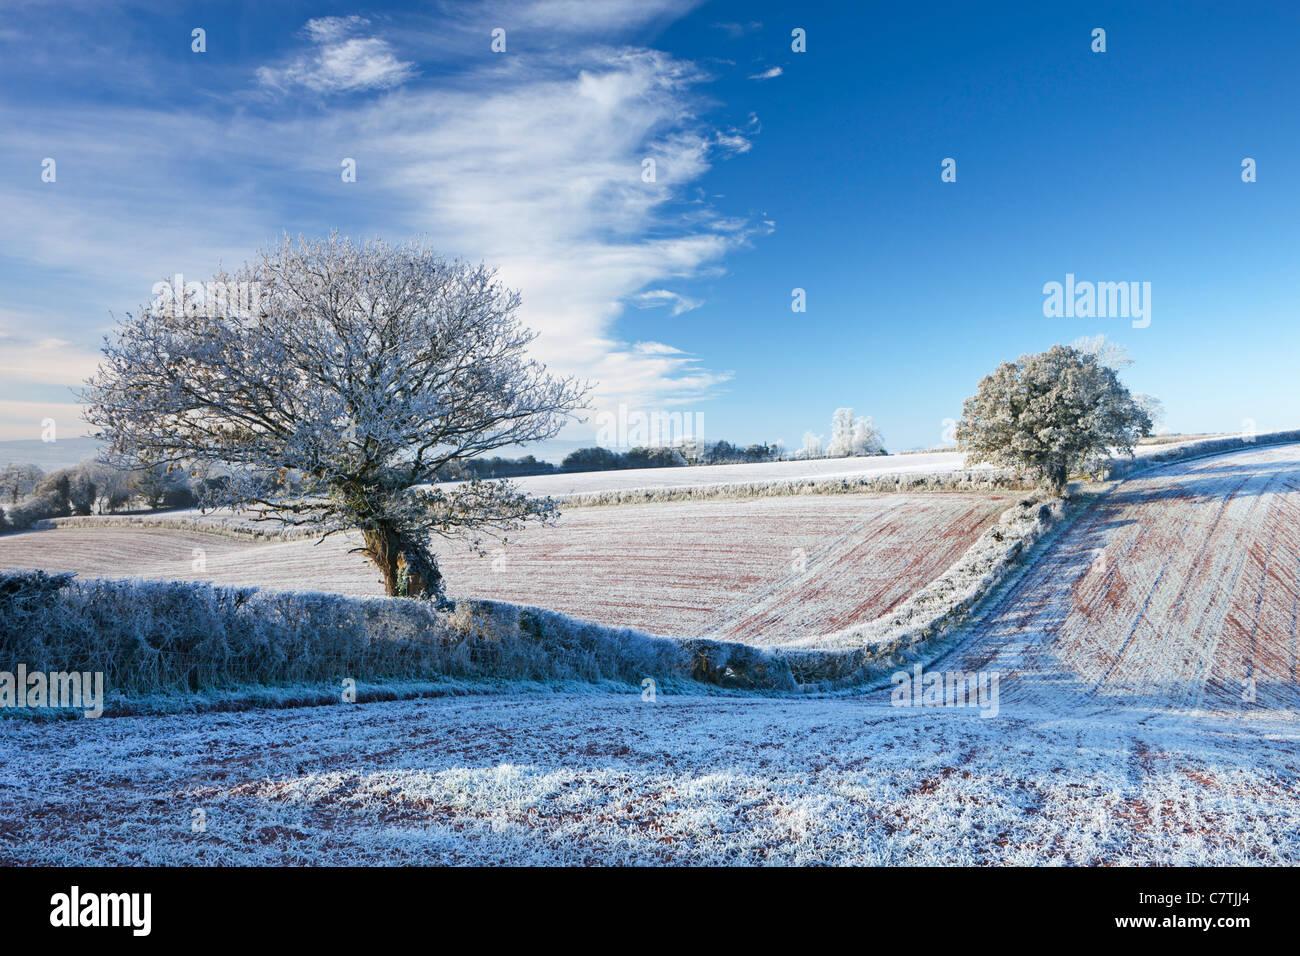 Les terres agricoles et les arbres givrés de givre en hiver, arc, Mid Devon, Angleterre. Hiver (décembre) Photo Stock